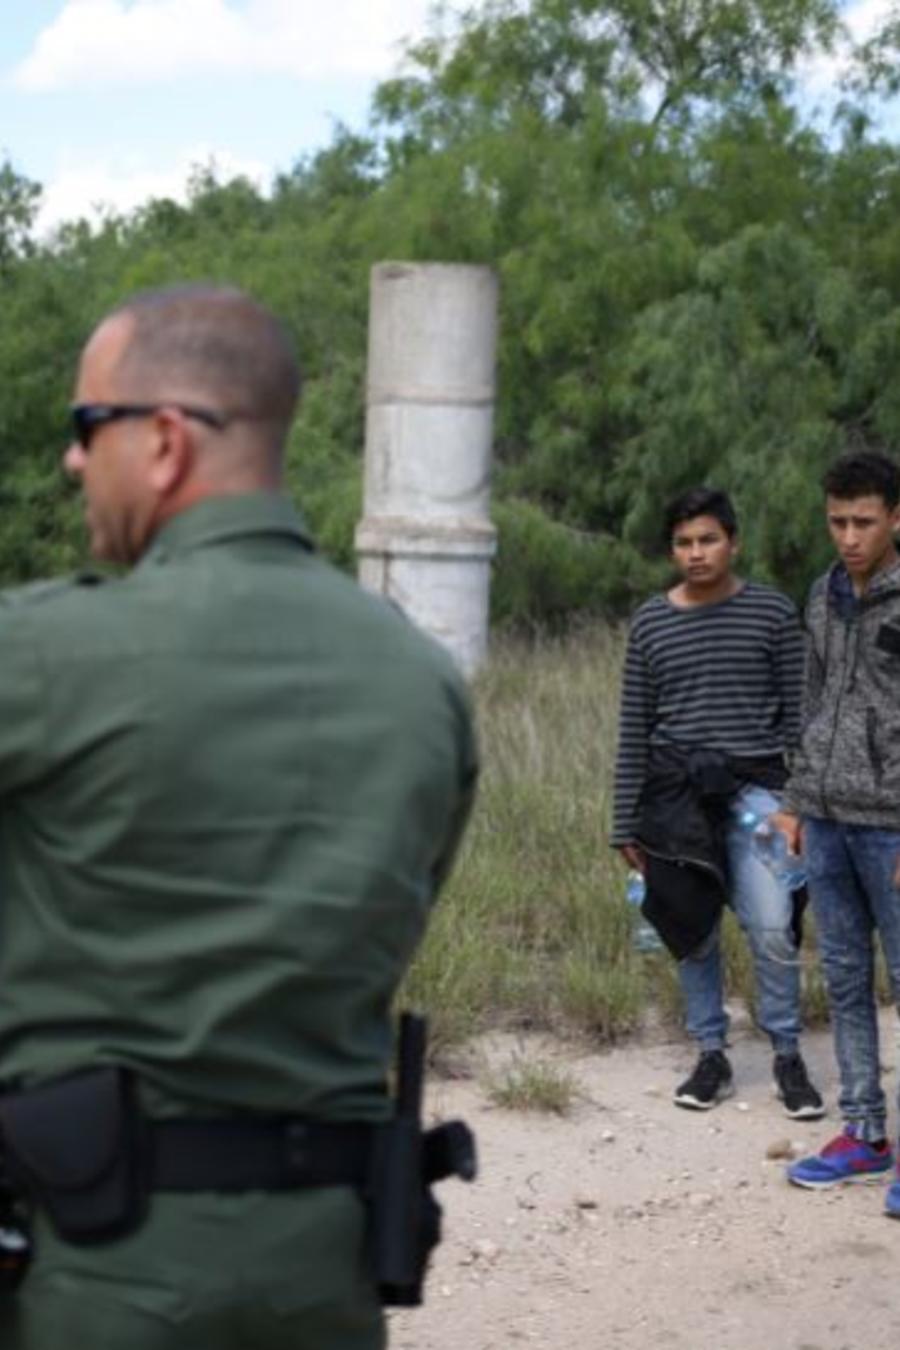 Un grupo de inmigrantes ilegales detenidos por la Patrulla Fronteriza en la frontera de México y Estados cerca de McAllen, Texas.